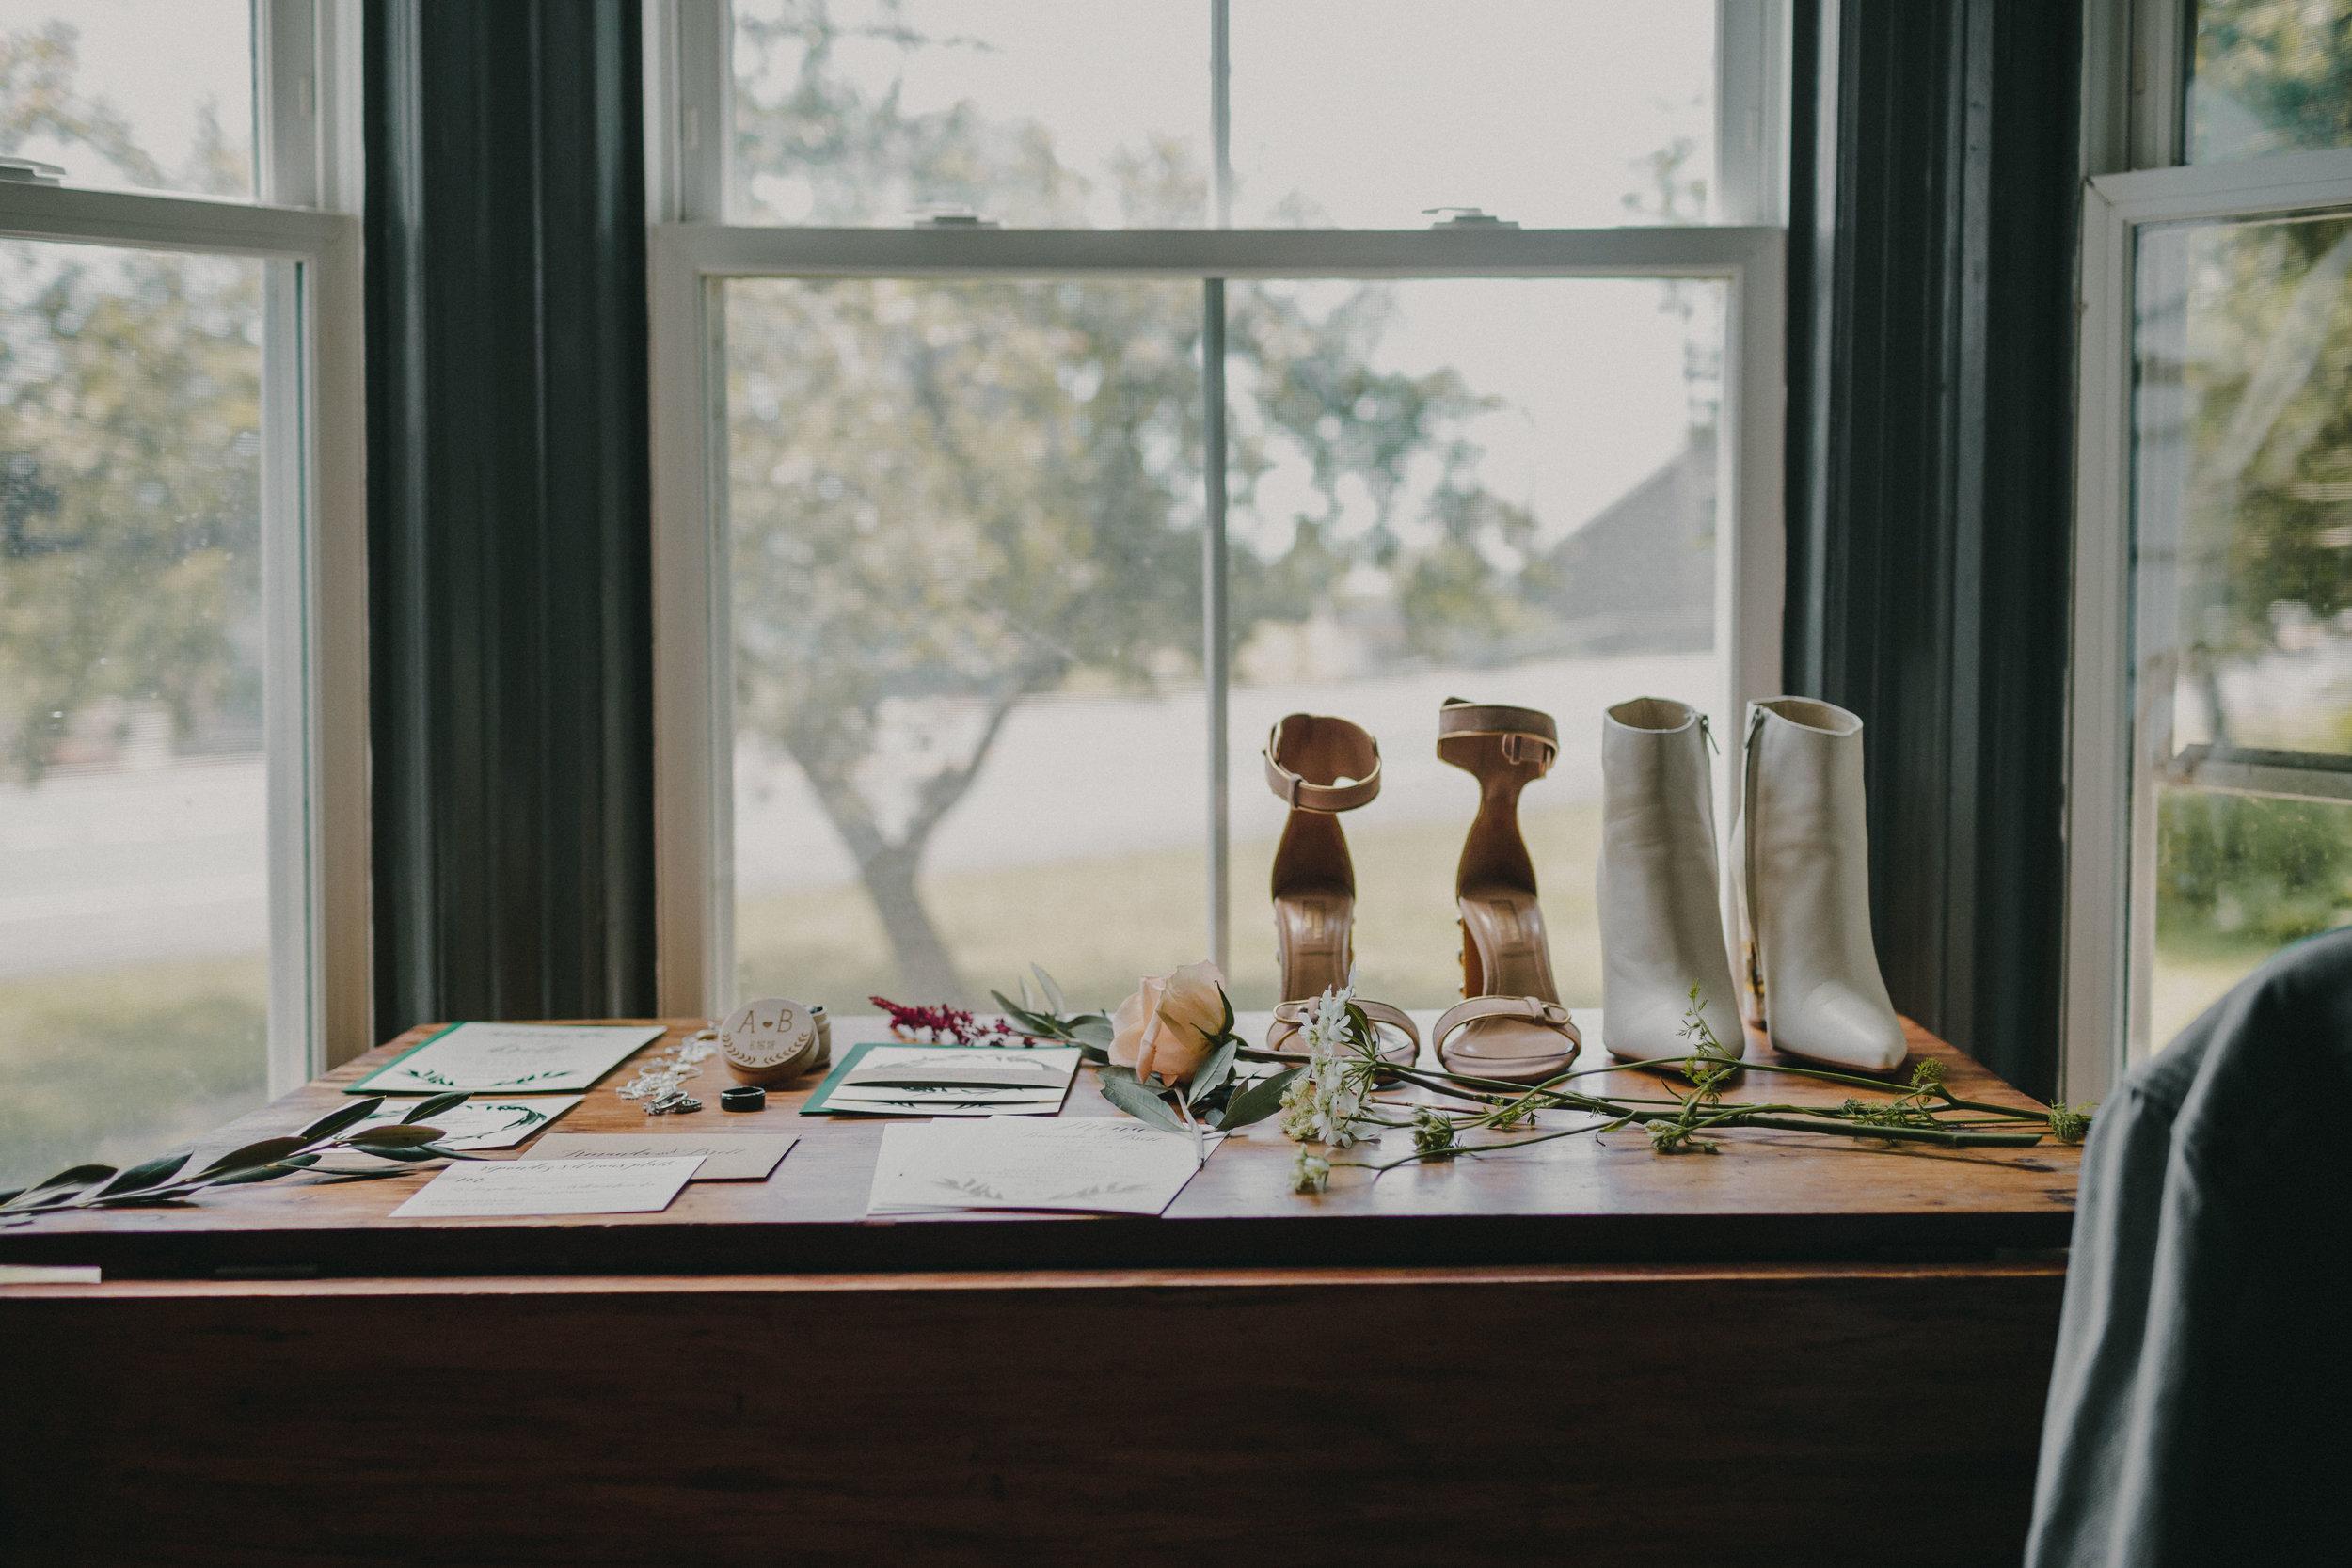 731-20180616-Amanda_Brett_Catskills_Summer_Boho_Wedding.jpg